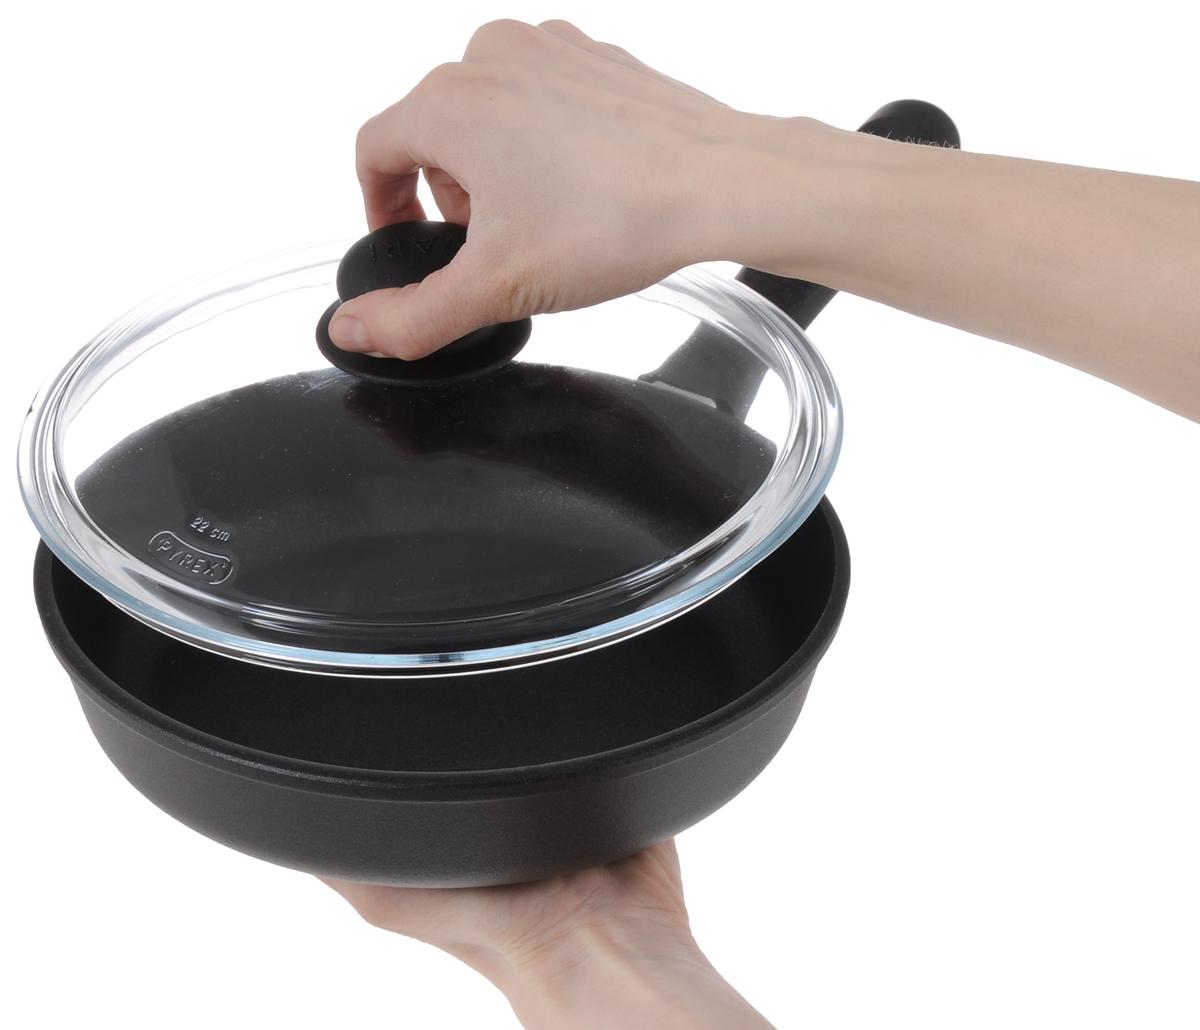 """Сковорода Vari """"Nature"""" выполнена из алюминия  с антипригарным покрытием Xylan. Метод  кокильного литья позволяет изготовить  высококачественную """"тяжелую"""" посуду. Такая  посуда отличается хорошей стойкостью к  внешним воздействиям и не деформируется при  нагревании. Равномерное распределение и  длительное сохранение тепла за счет  утолщенного дна позволяет готовить блюда  любой степени сложности. Жаростойкое  внешнее покрытие позволяет использовать  сковороды на стеклокерамических поверхностях.  Не выделяет вредных веществ! Не содержит  PFOA.  Сковорода Vari """"Nature"""" станет незаменимой  помощницей на кухне и прослужит долгие годы.   Подходит для газовых, электрических и  стеклокерамических плит. Можно мыть в  посудомоечных машинах.  Диаметр сковороды: 22 см.  Высота стенки: 5,5 см.  Длина ручки: 17 см."""